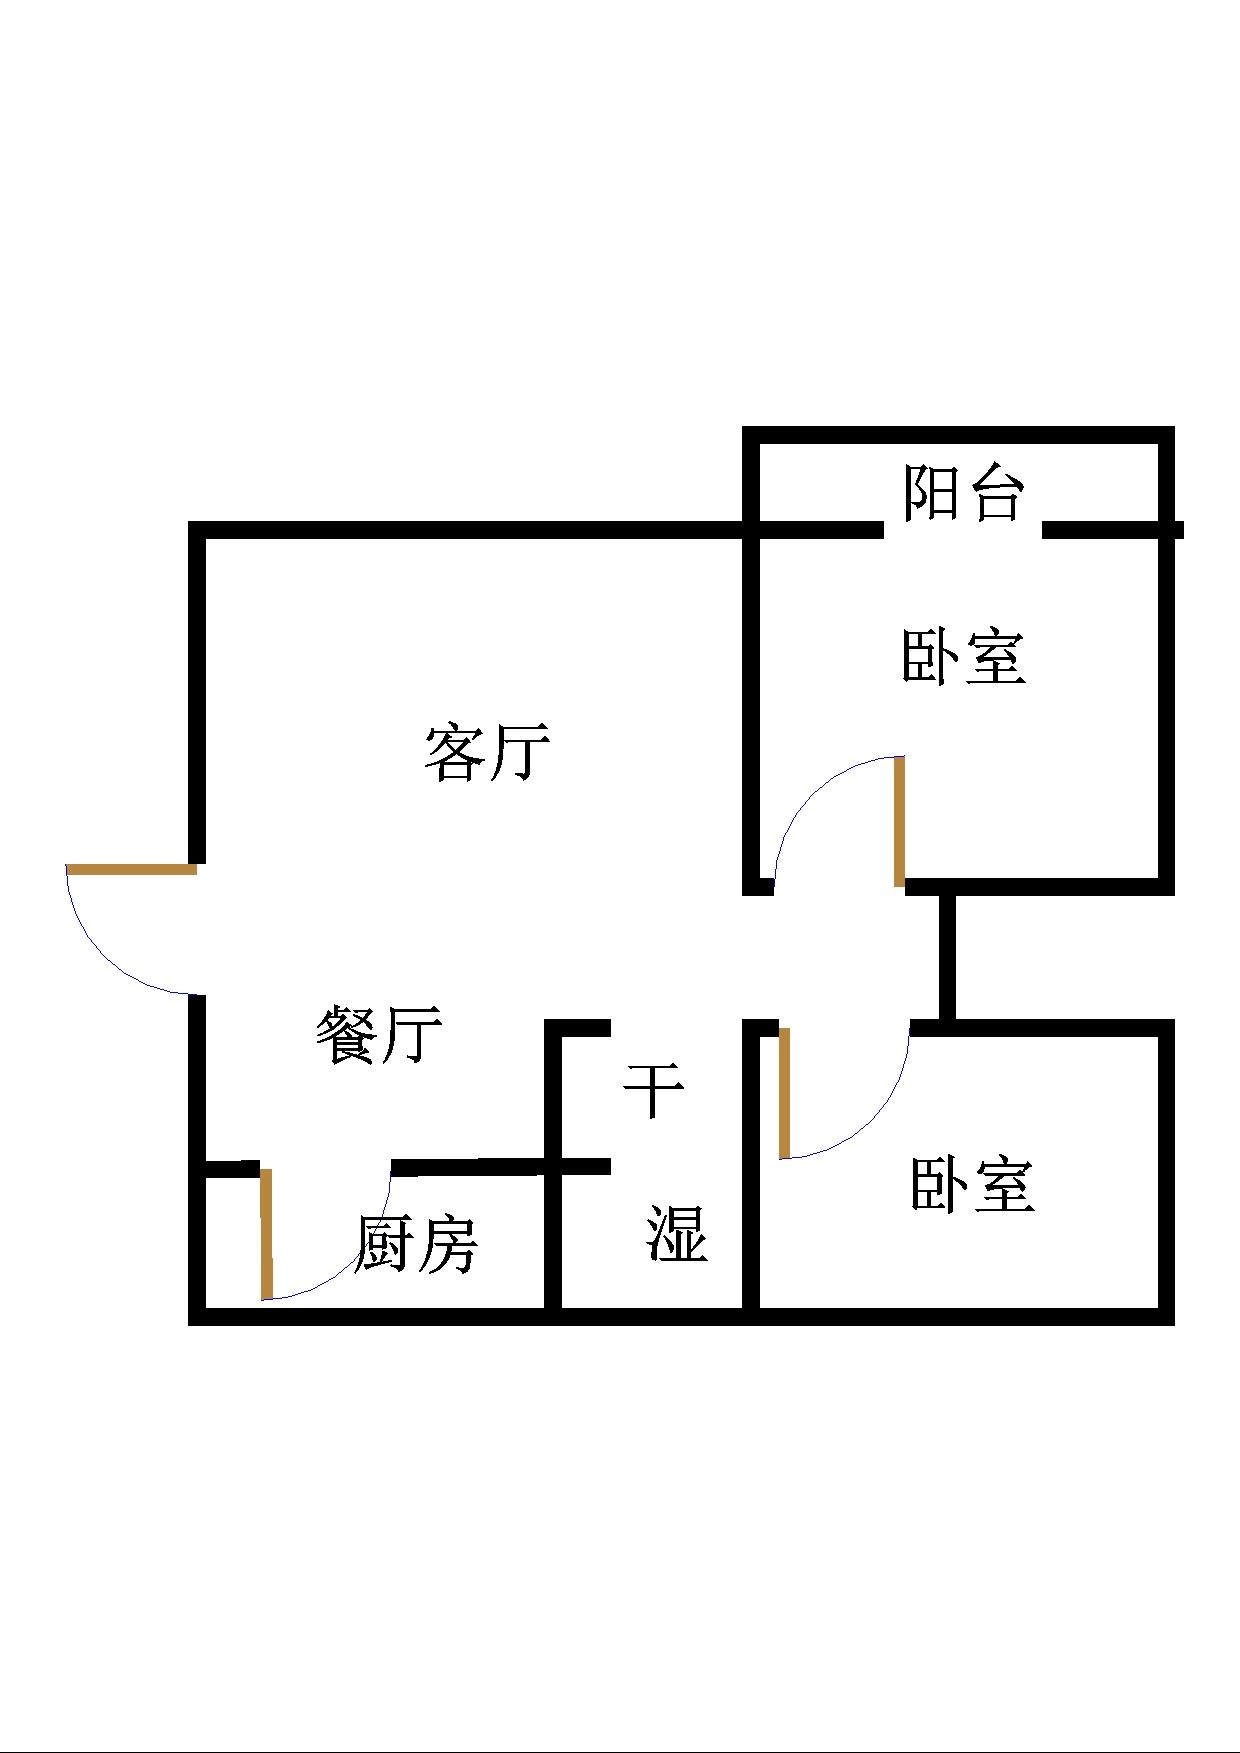 红星美凯龙国际广场 2室2厅 3楼